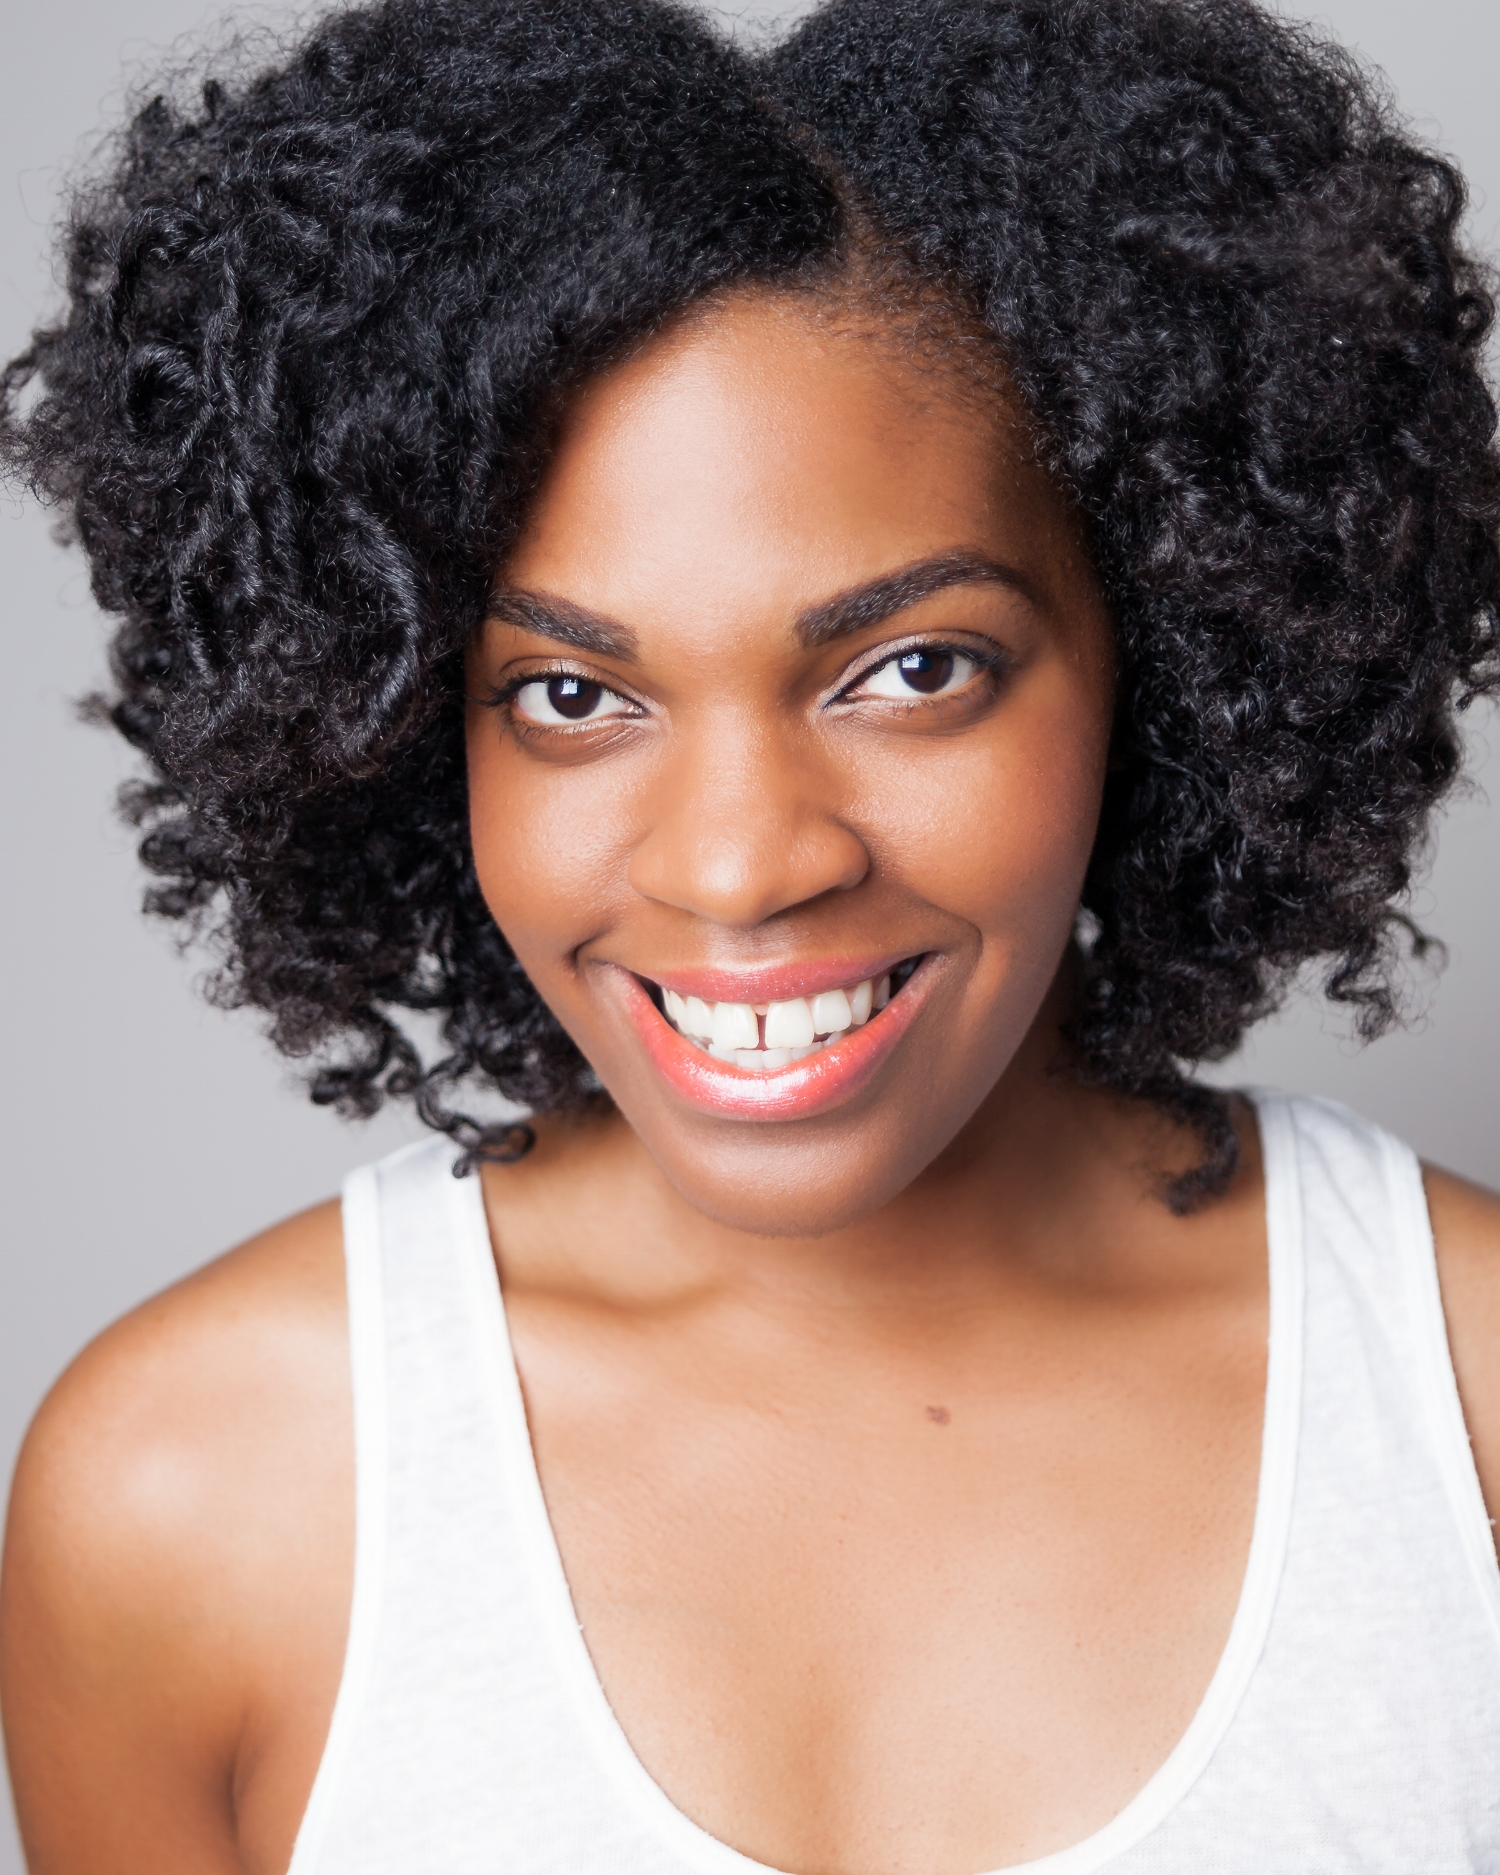 Airest Newsome, Aspiring Model/Actress